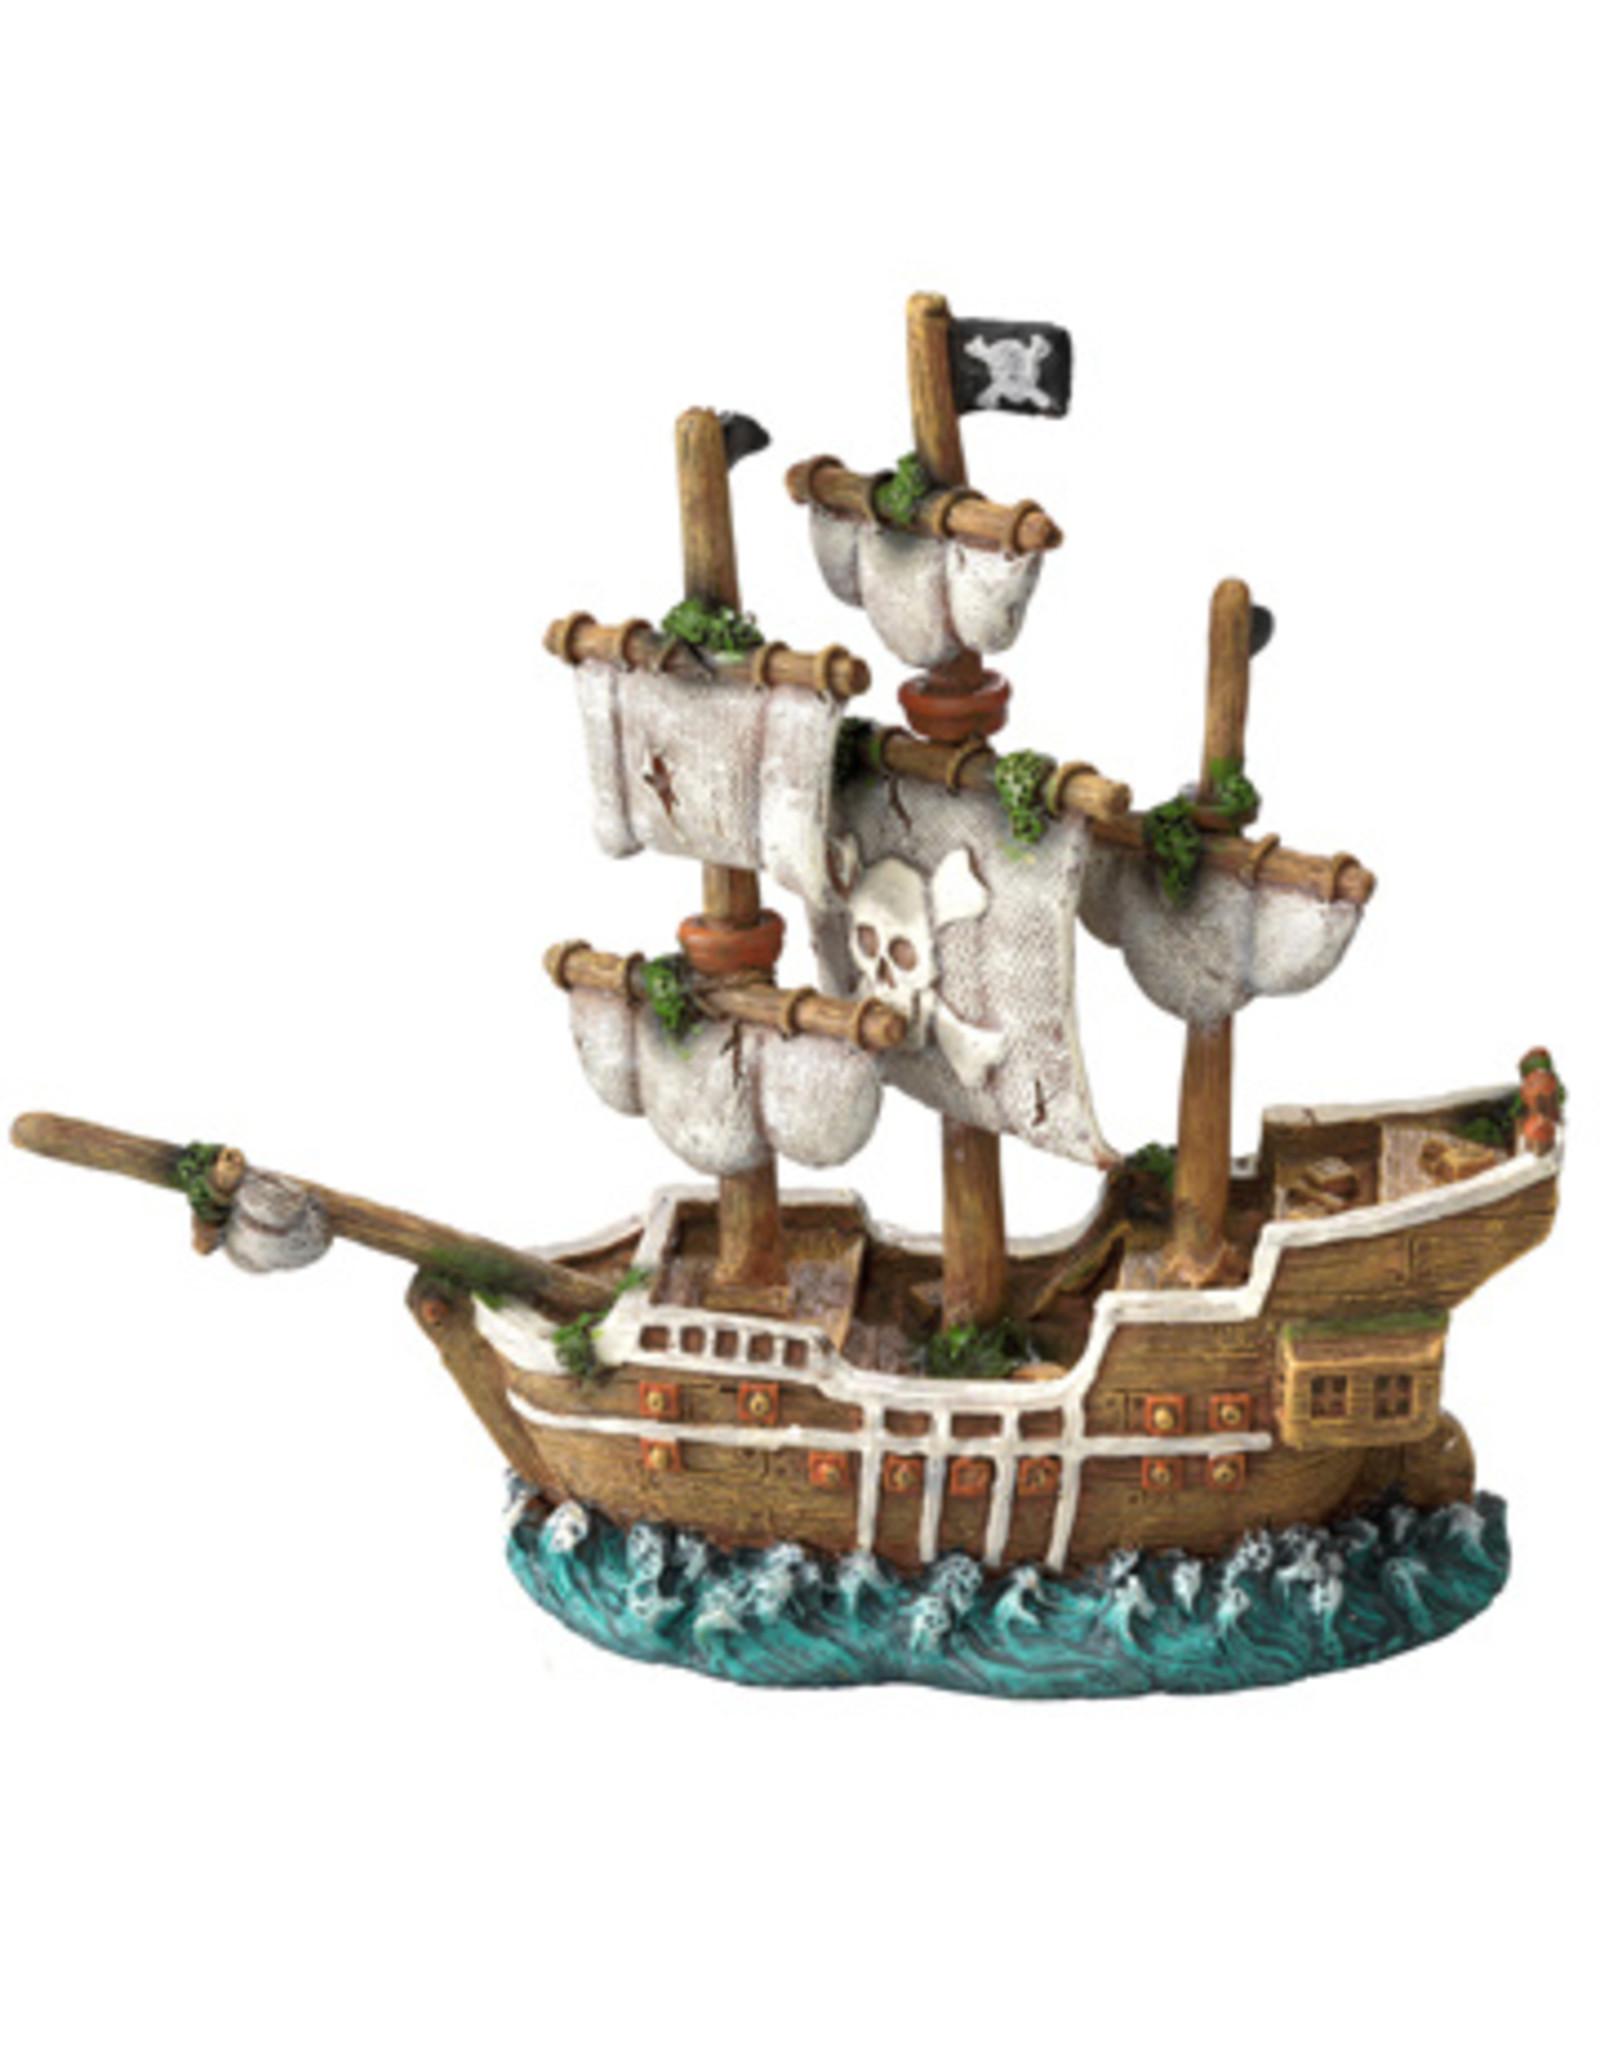 Aqua Della AQUA DELLA Sailor Ship